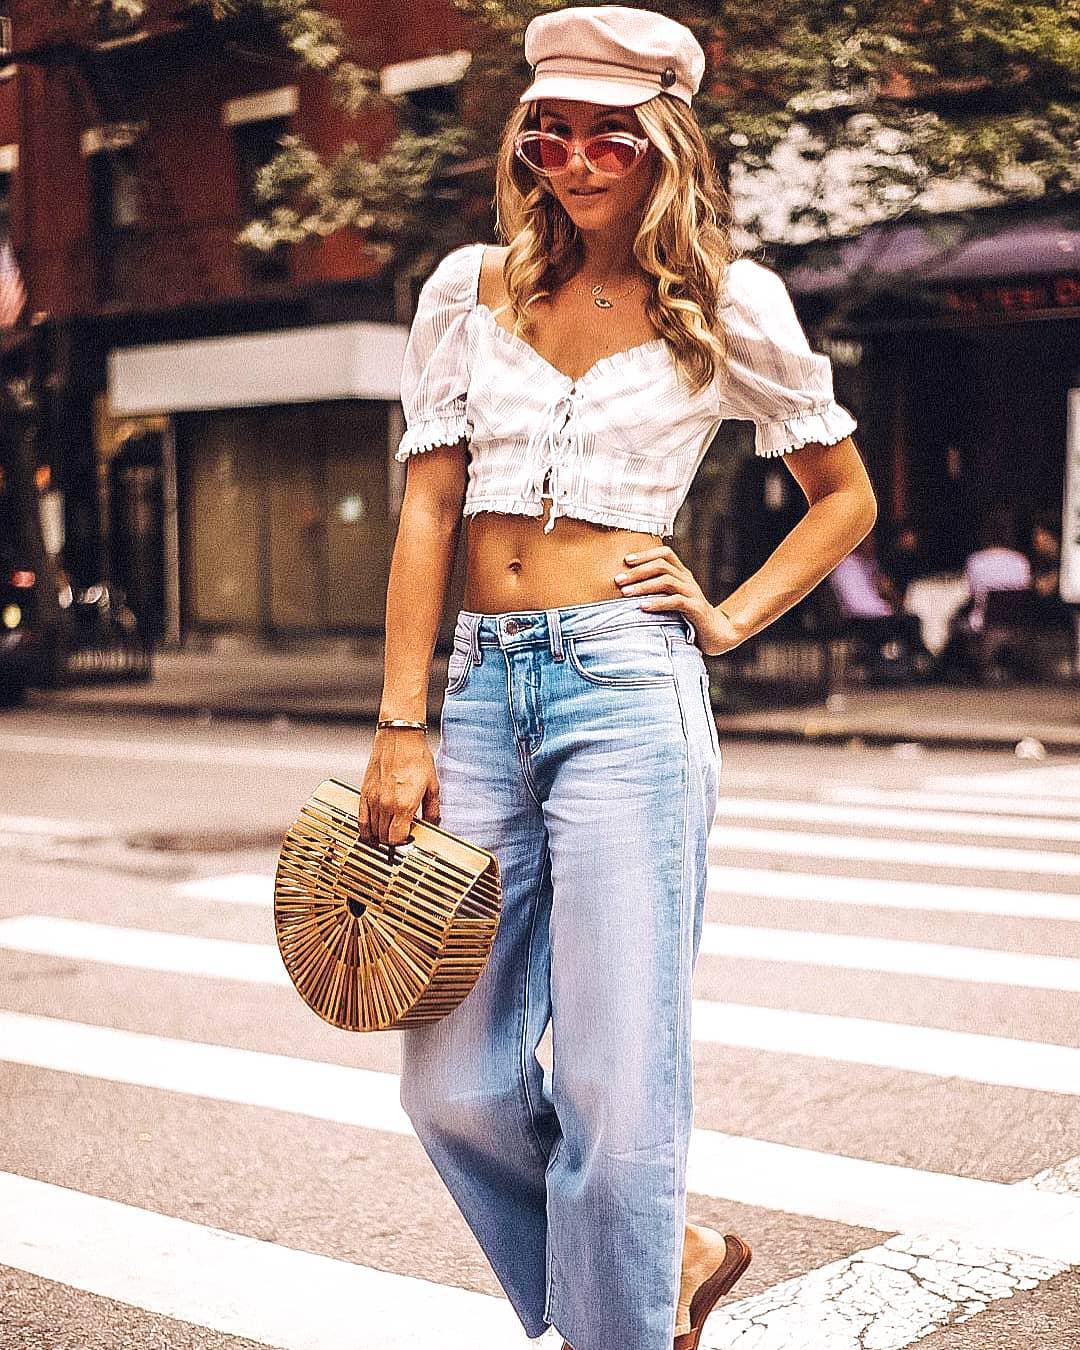 С чем носить джинсы летом фото 2